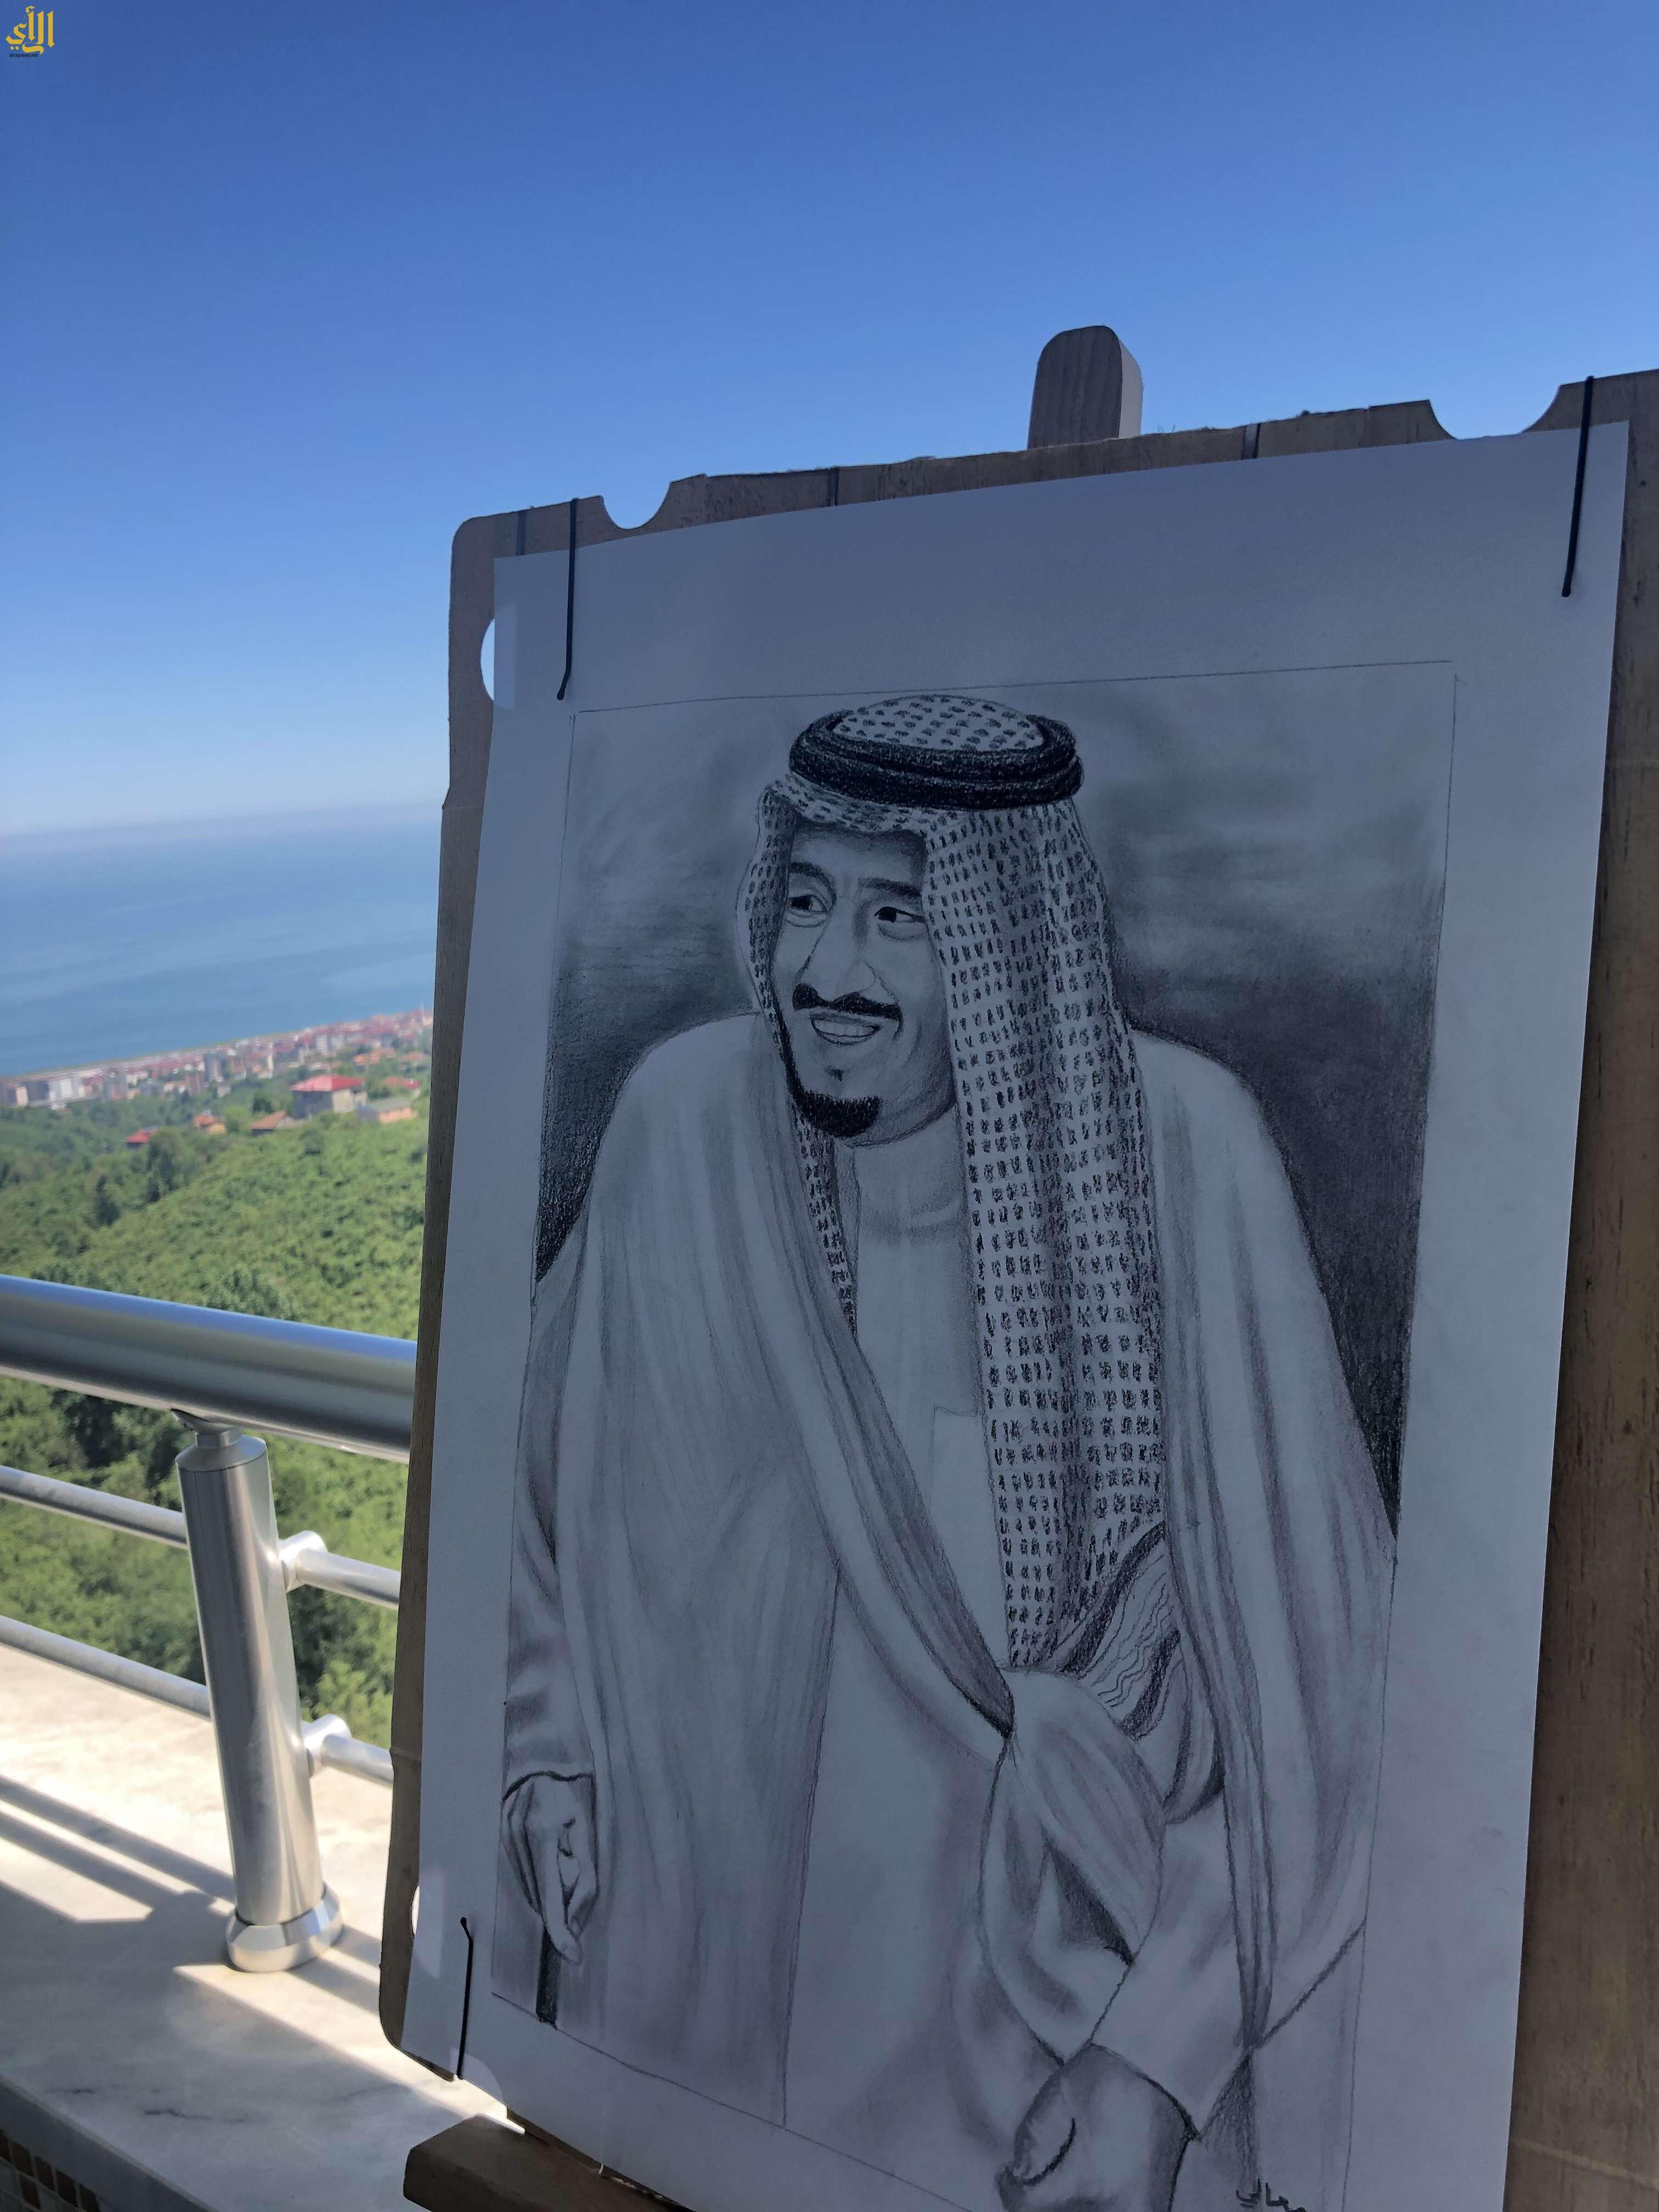 معالي العنزي تبدع في رسم لوحة فنية للملك سلمان